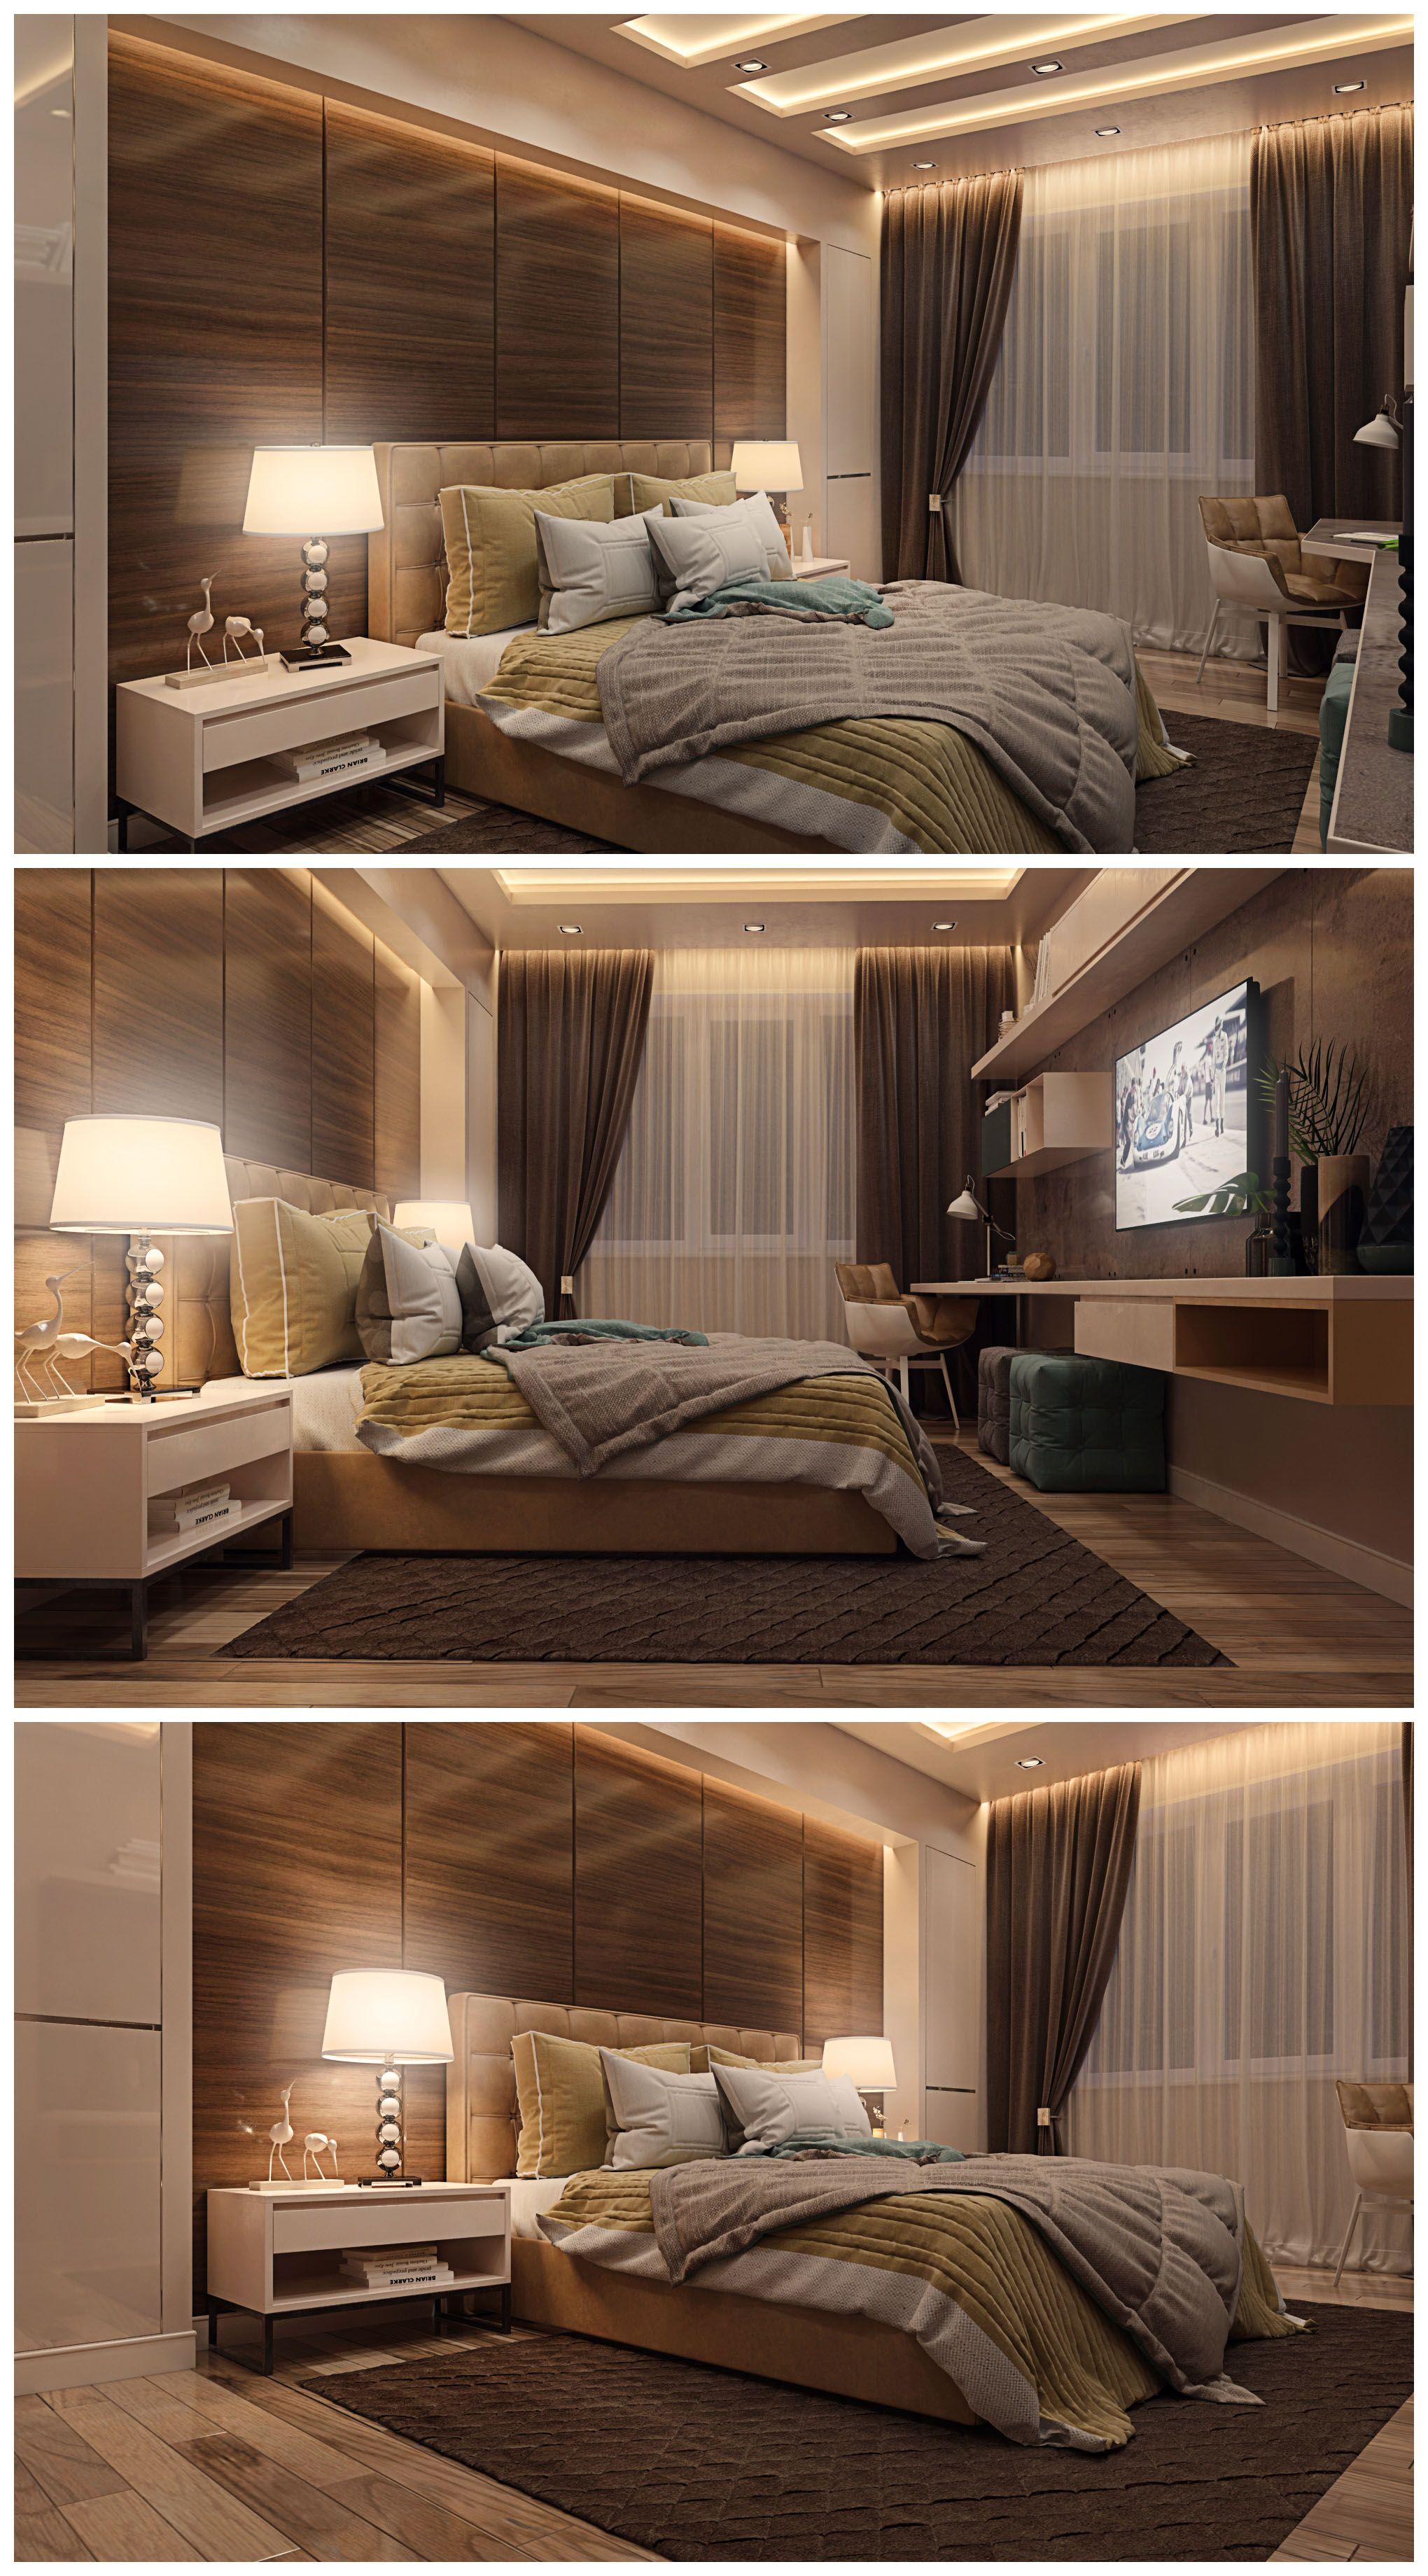 Einfaches hausdesign 2018 Спальня  Галерея ddd  living room design  pinterest